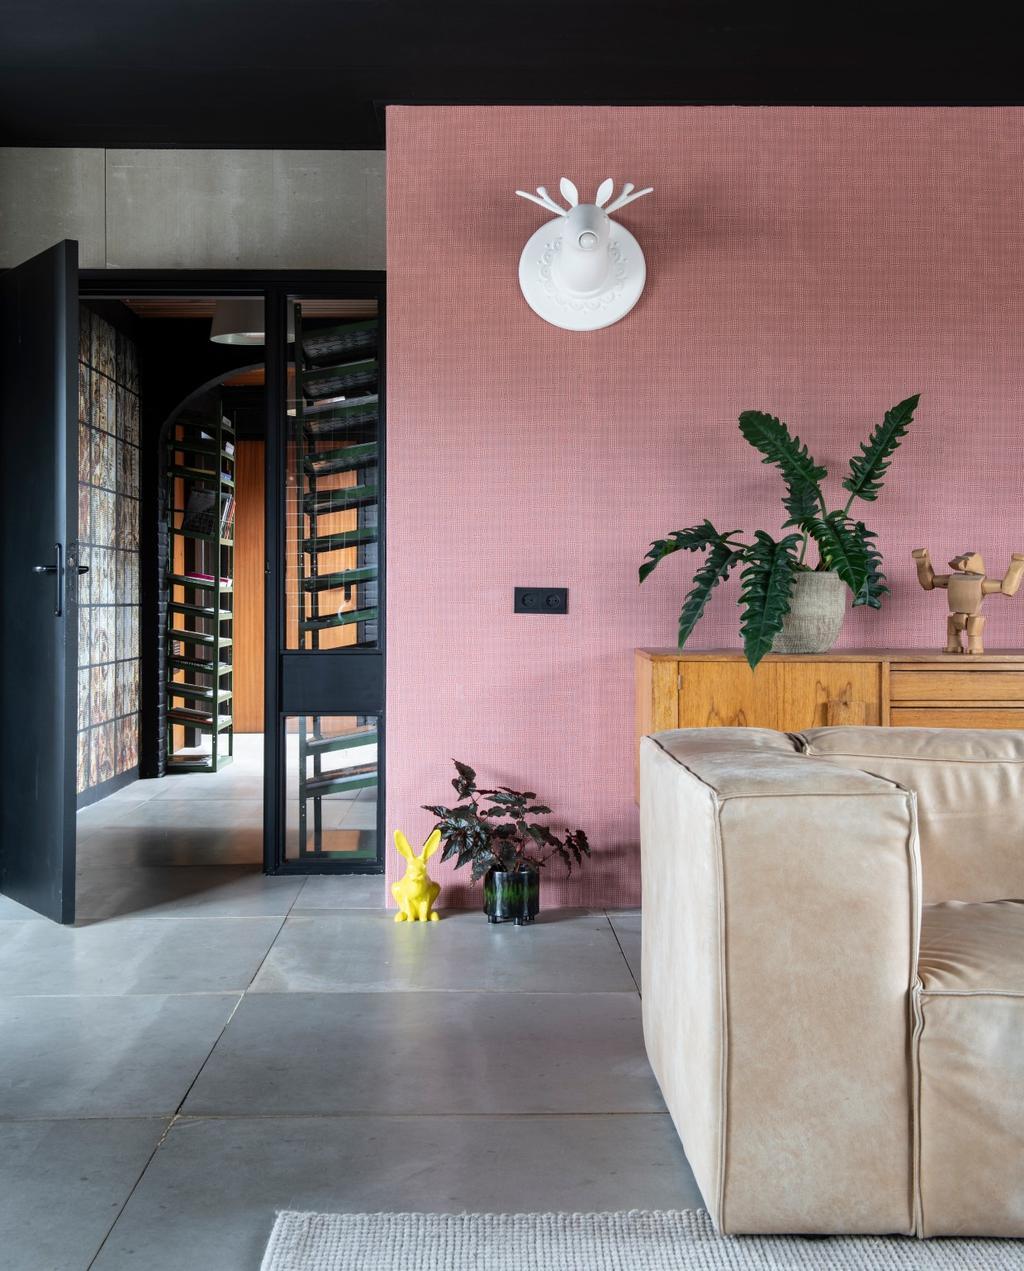 vtwonen binnenkijken 03-2020 | Binnekijken Heerhugowaard roze muur met leren bank